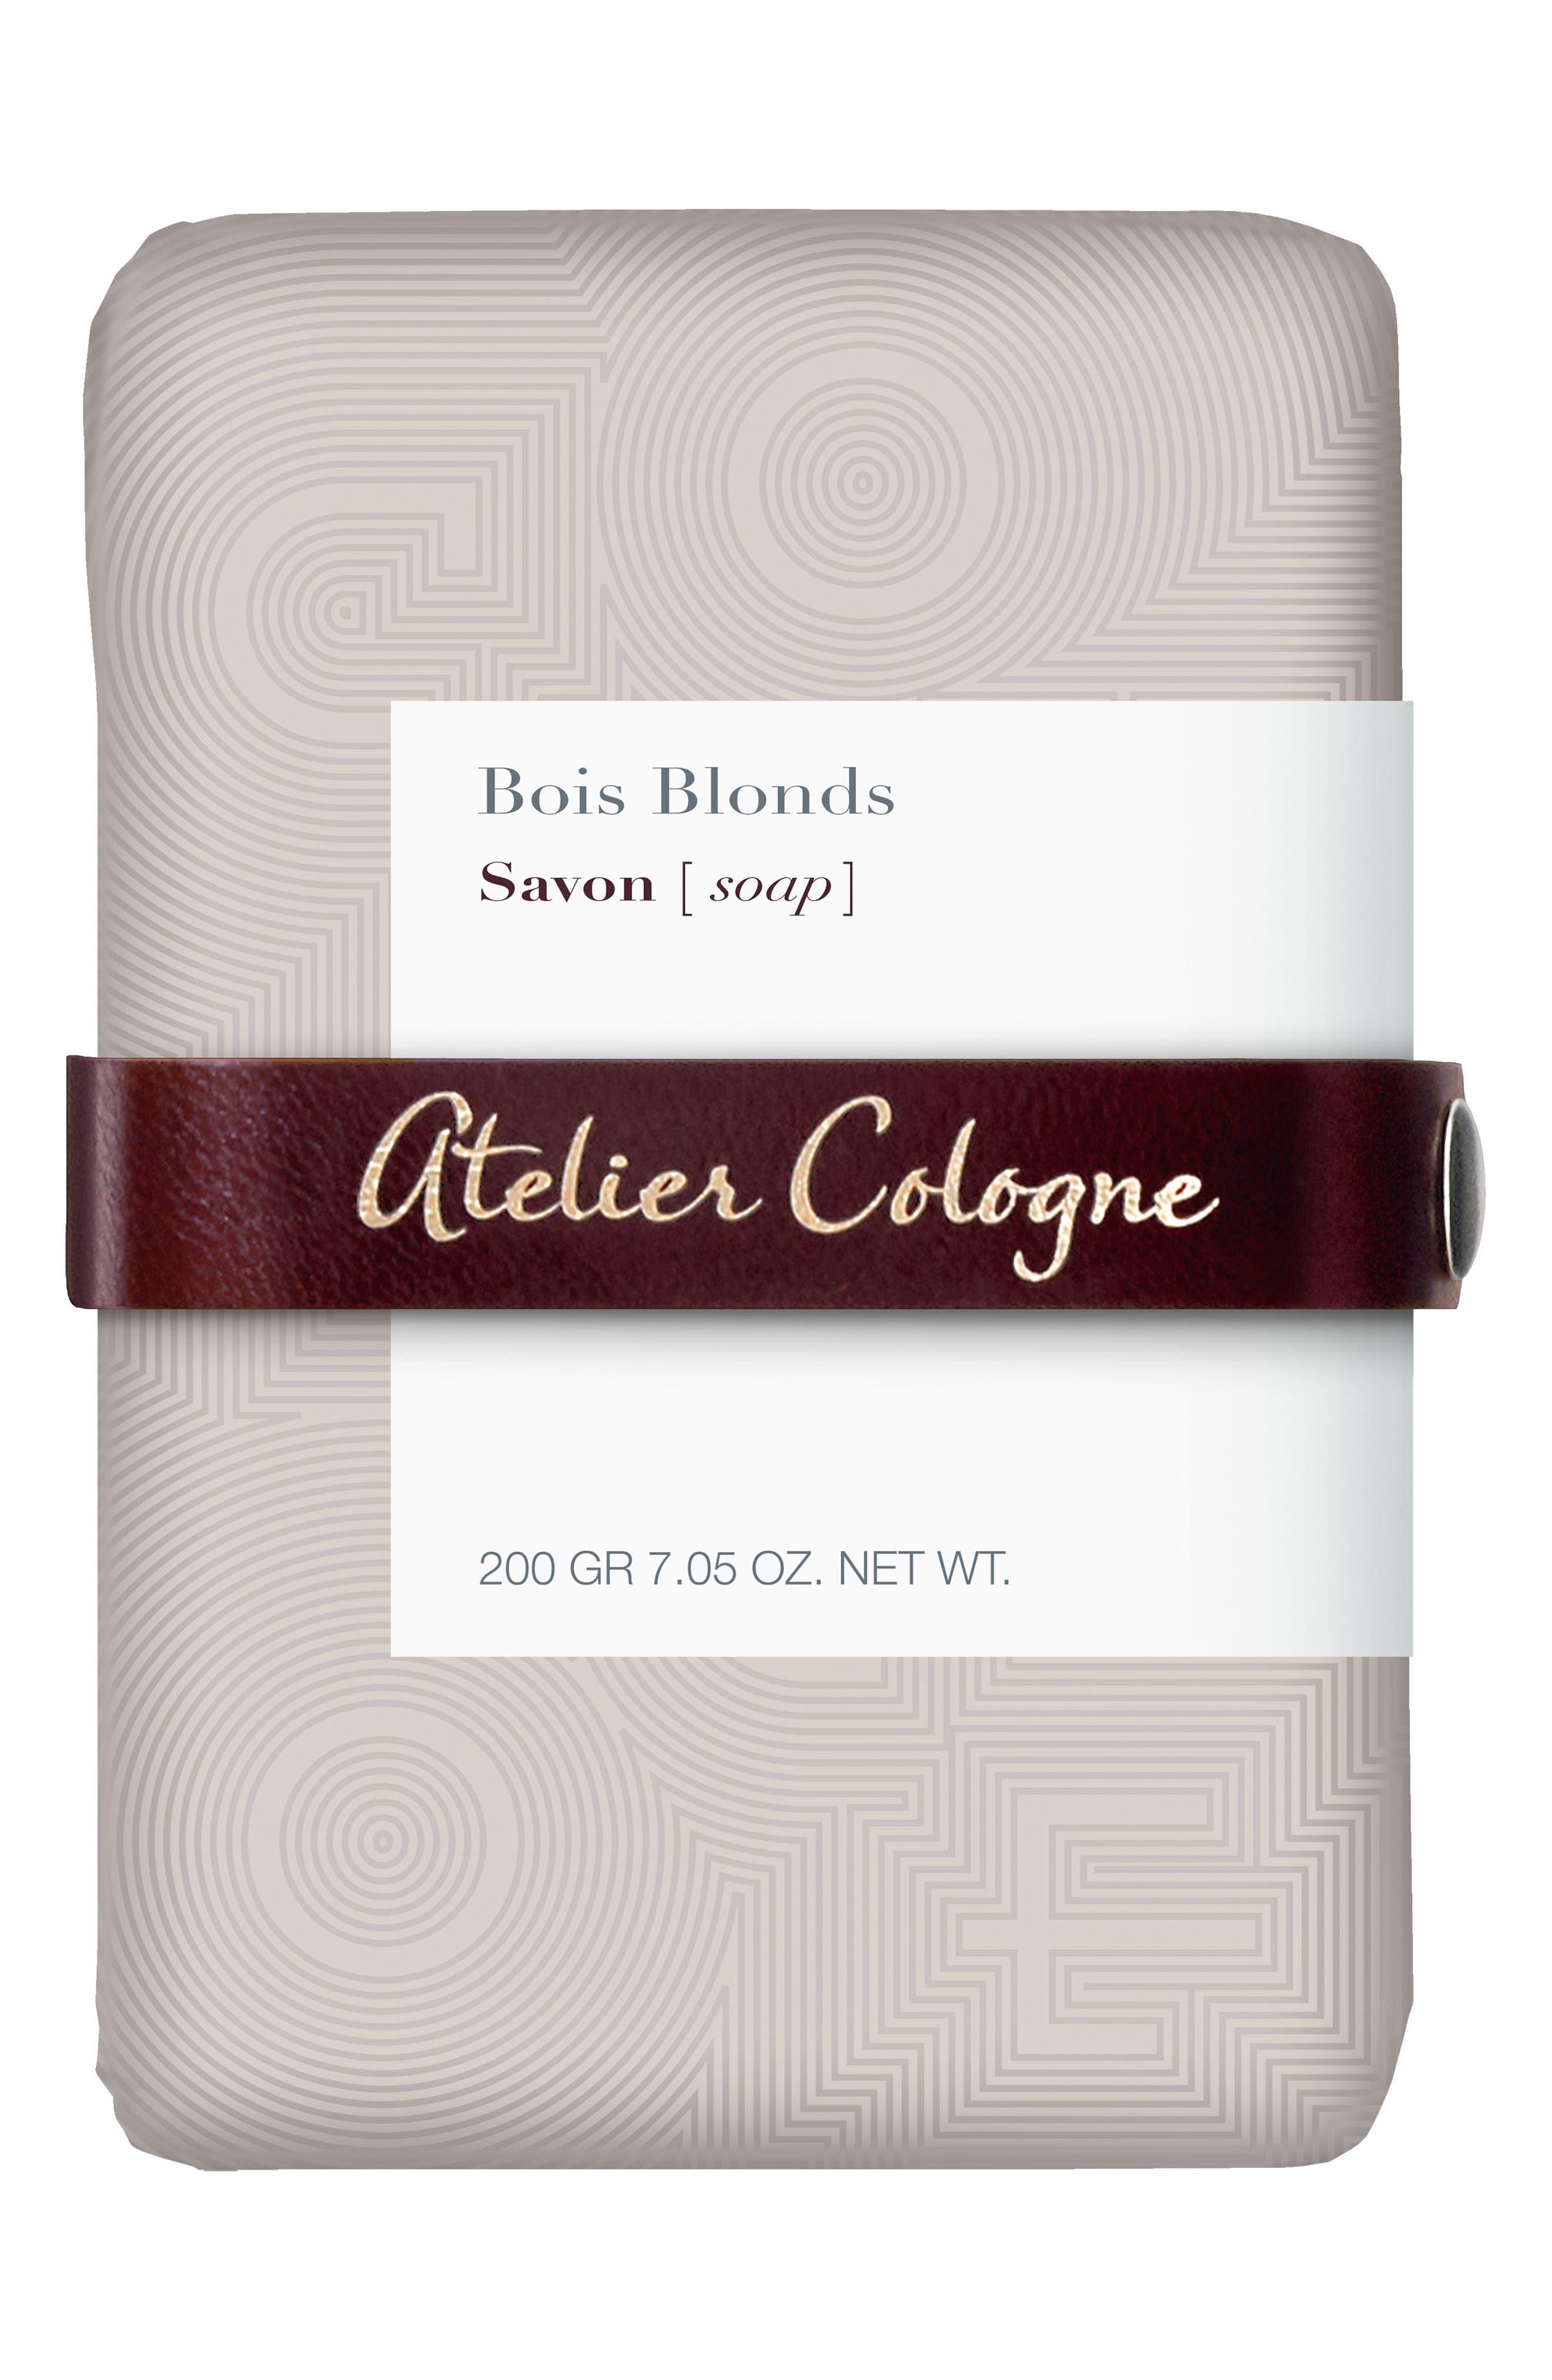 Atelier Cologne Bois Blonds Soap